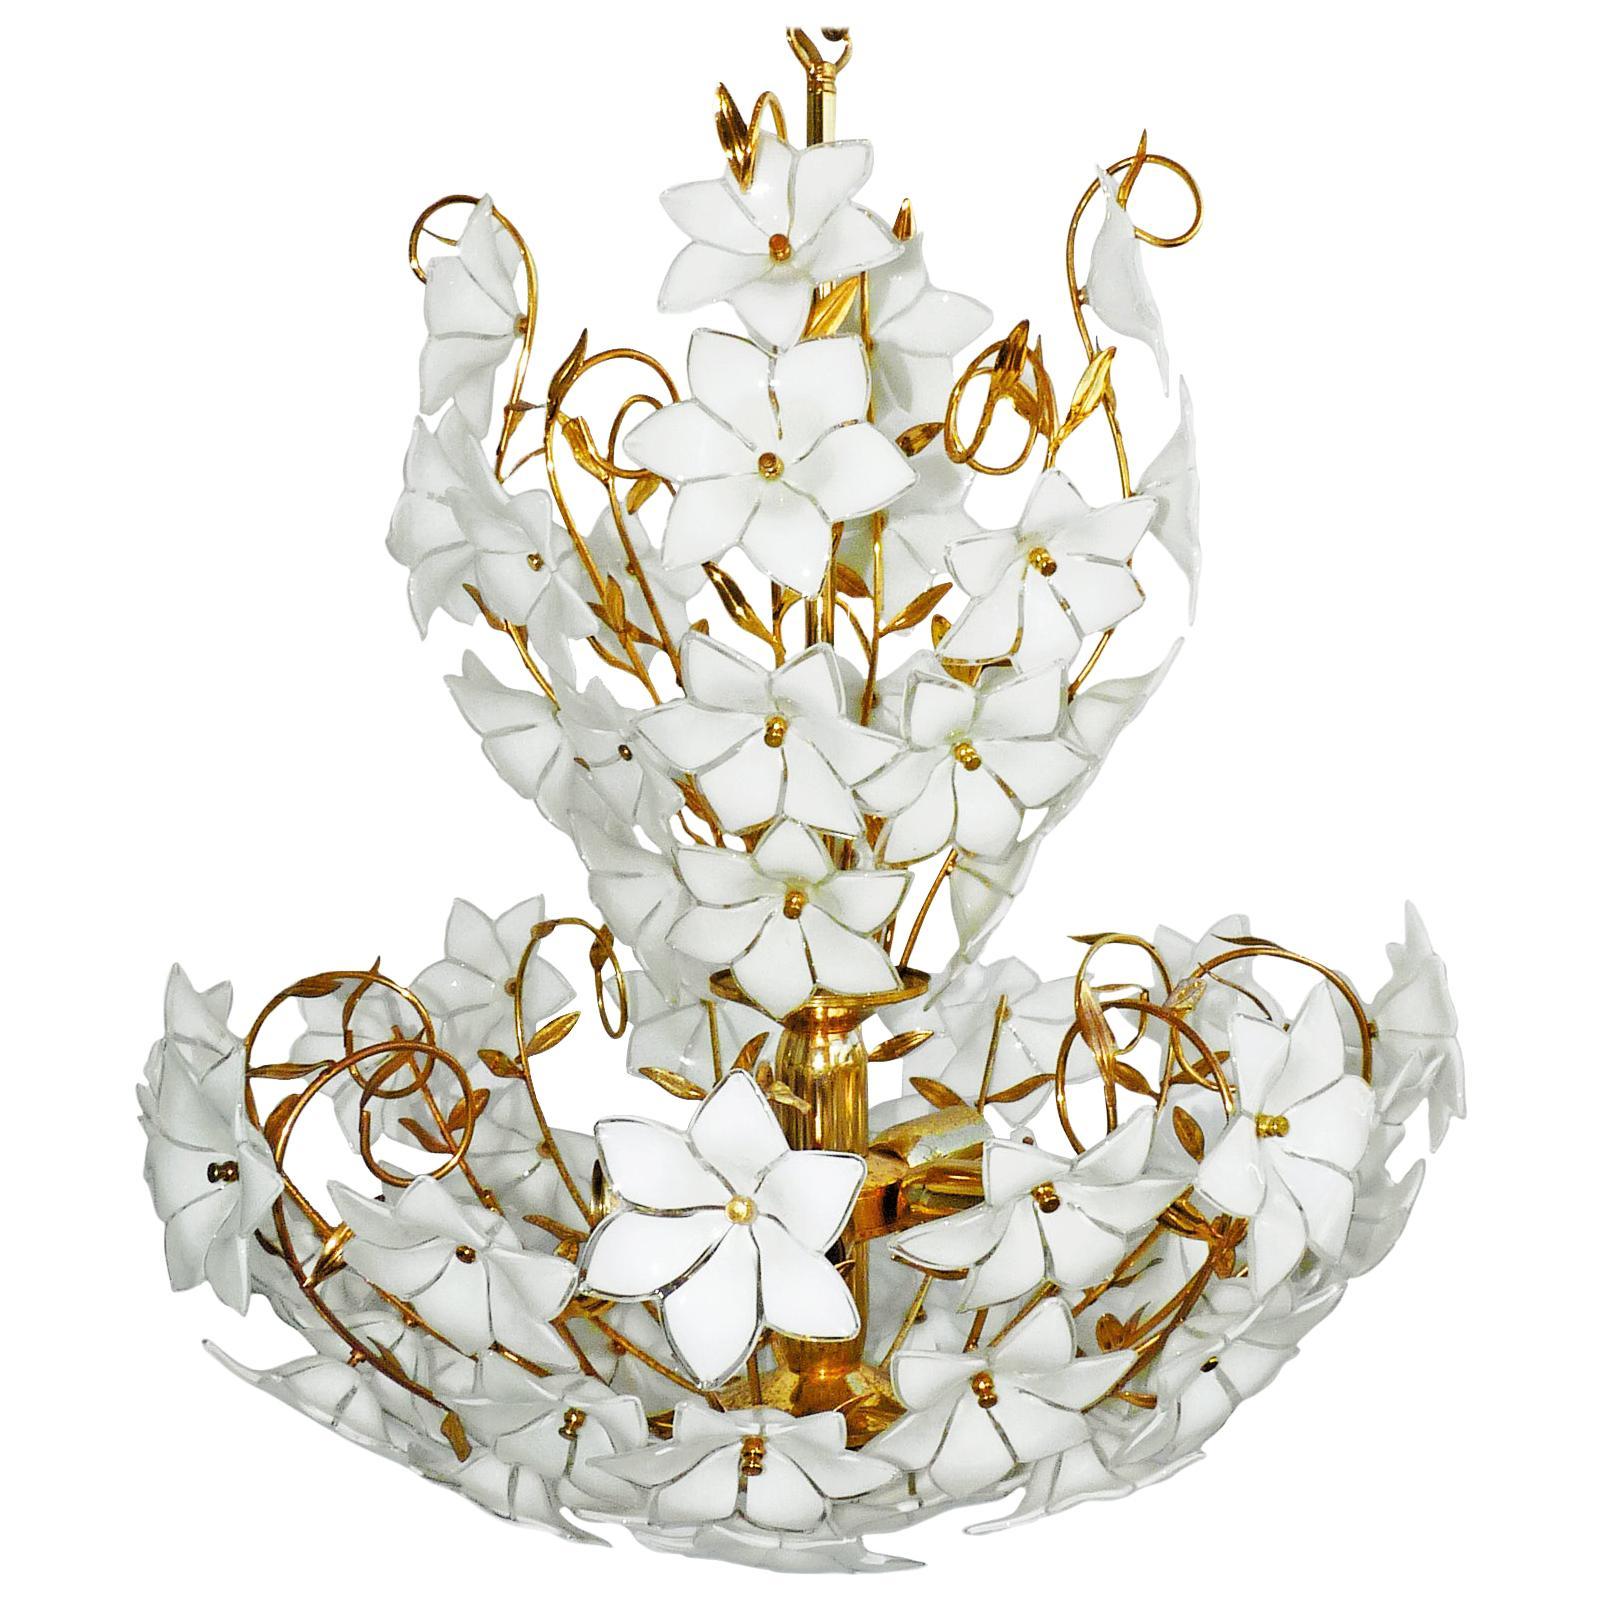 Monumental Modernist Italian Murano Venini Style Flower Glass Gilt Chandelier